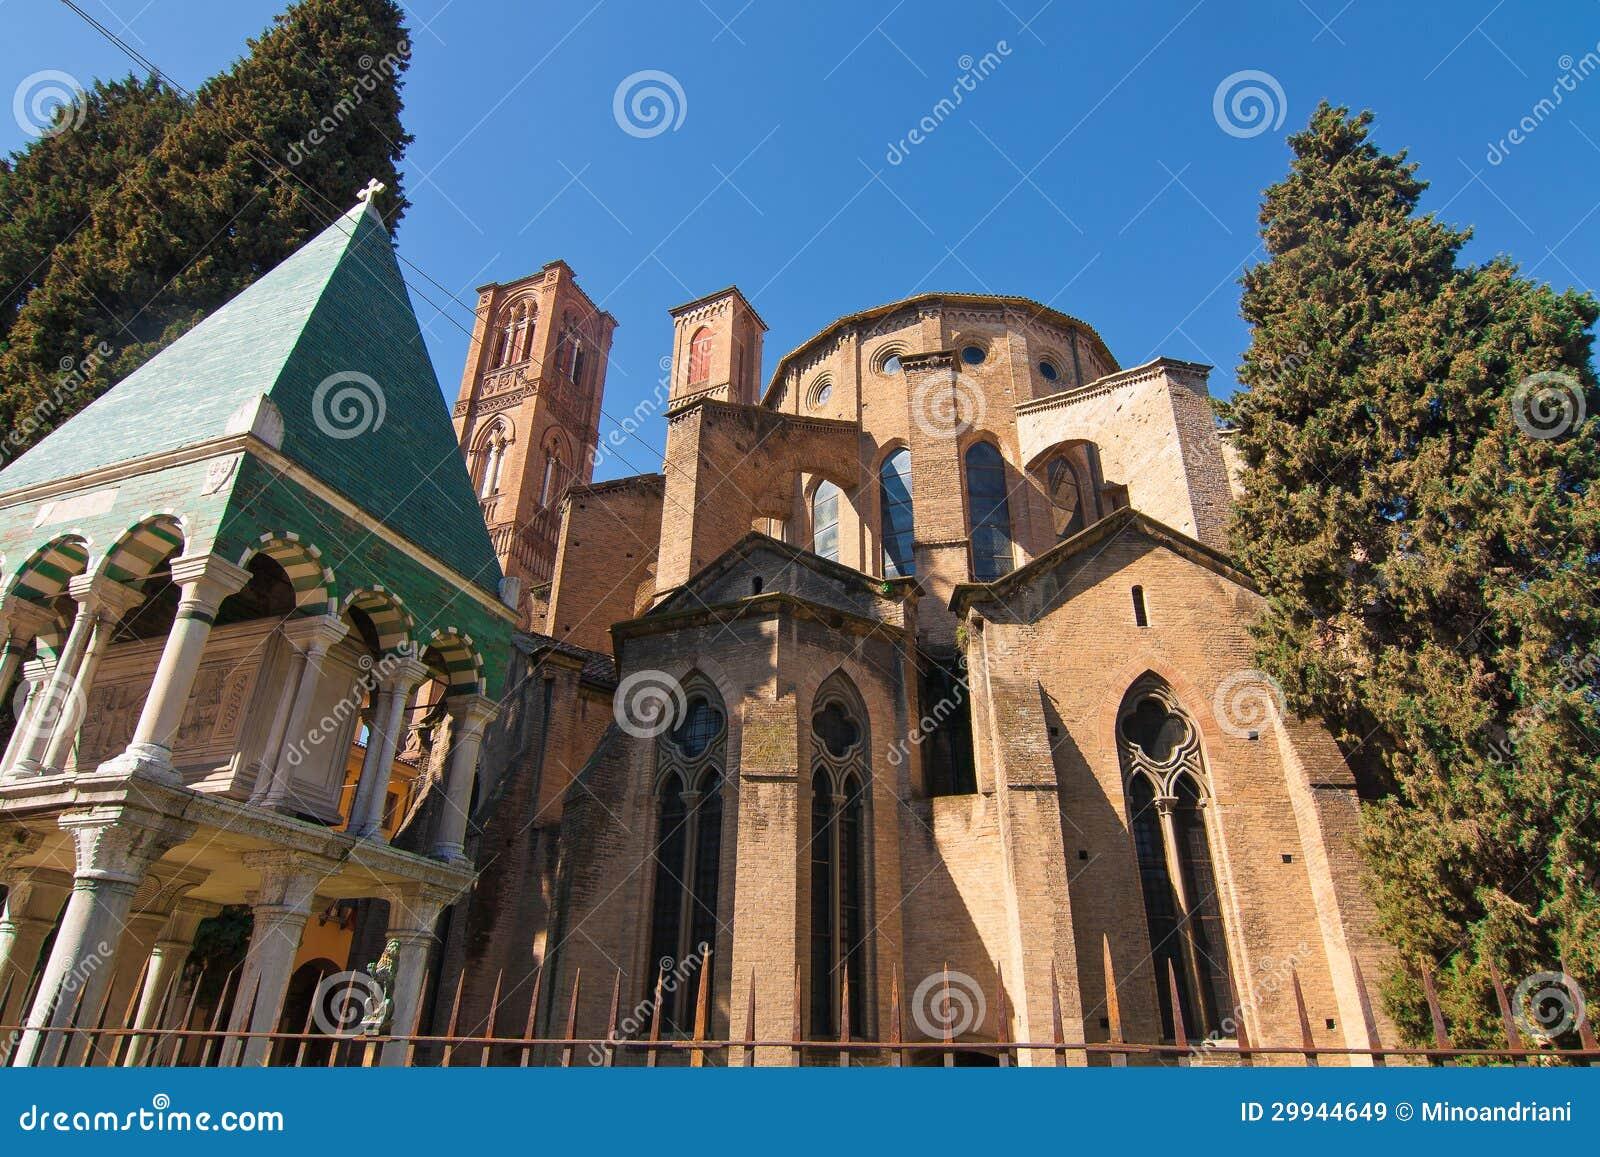 Chiesa Di S. Francesco A Bologna Immagine Stock - Immagine ...